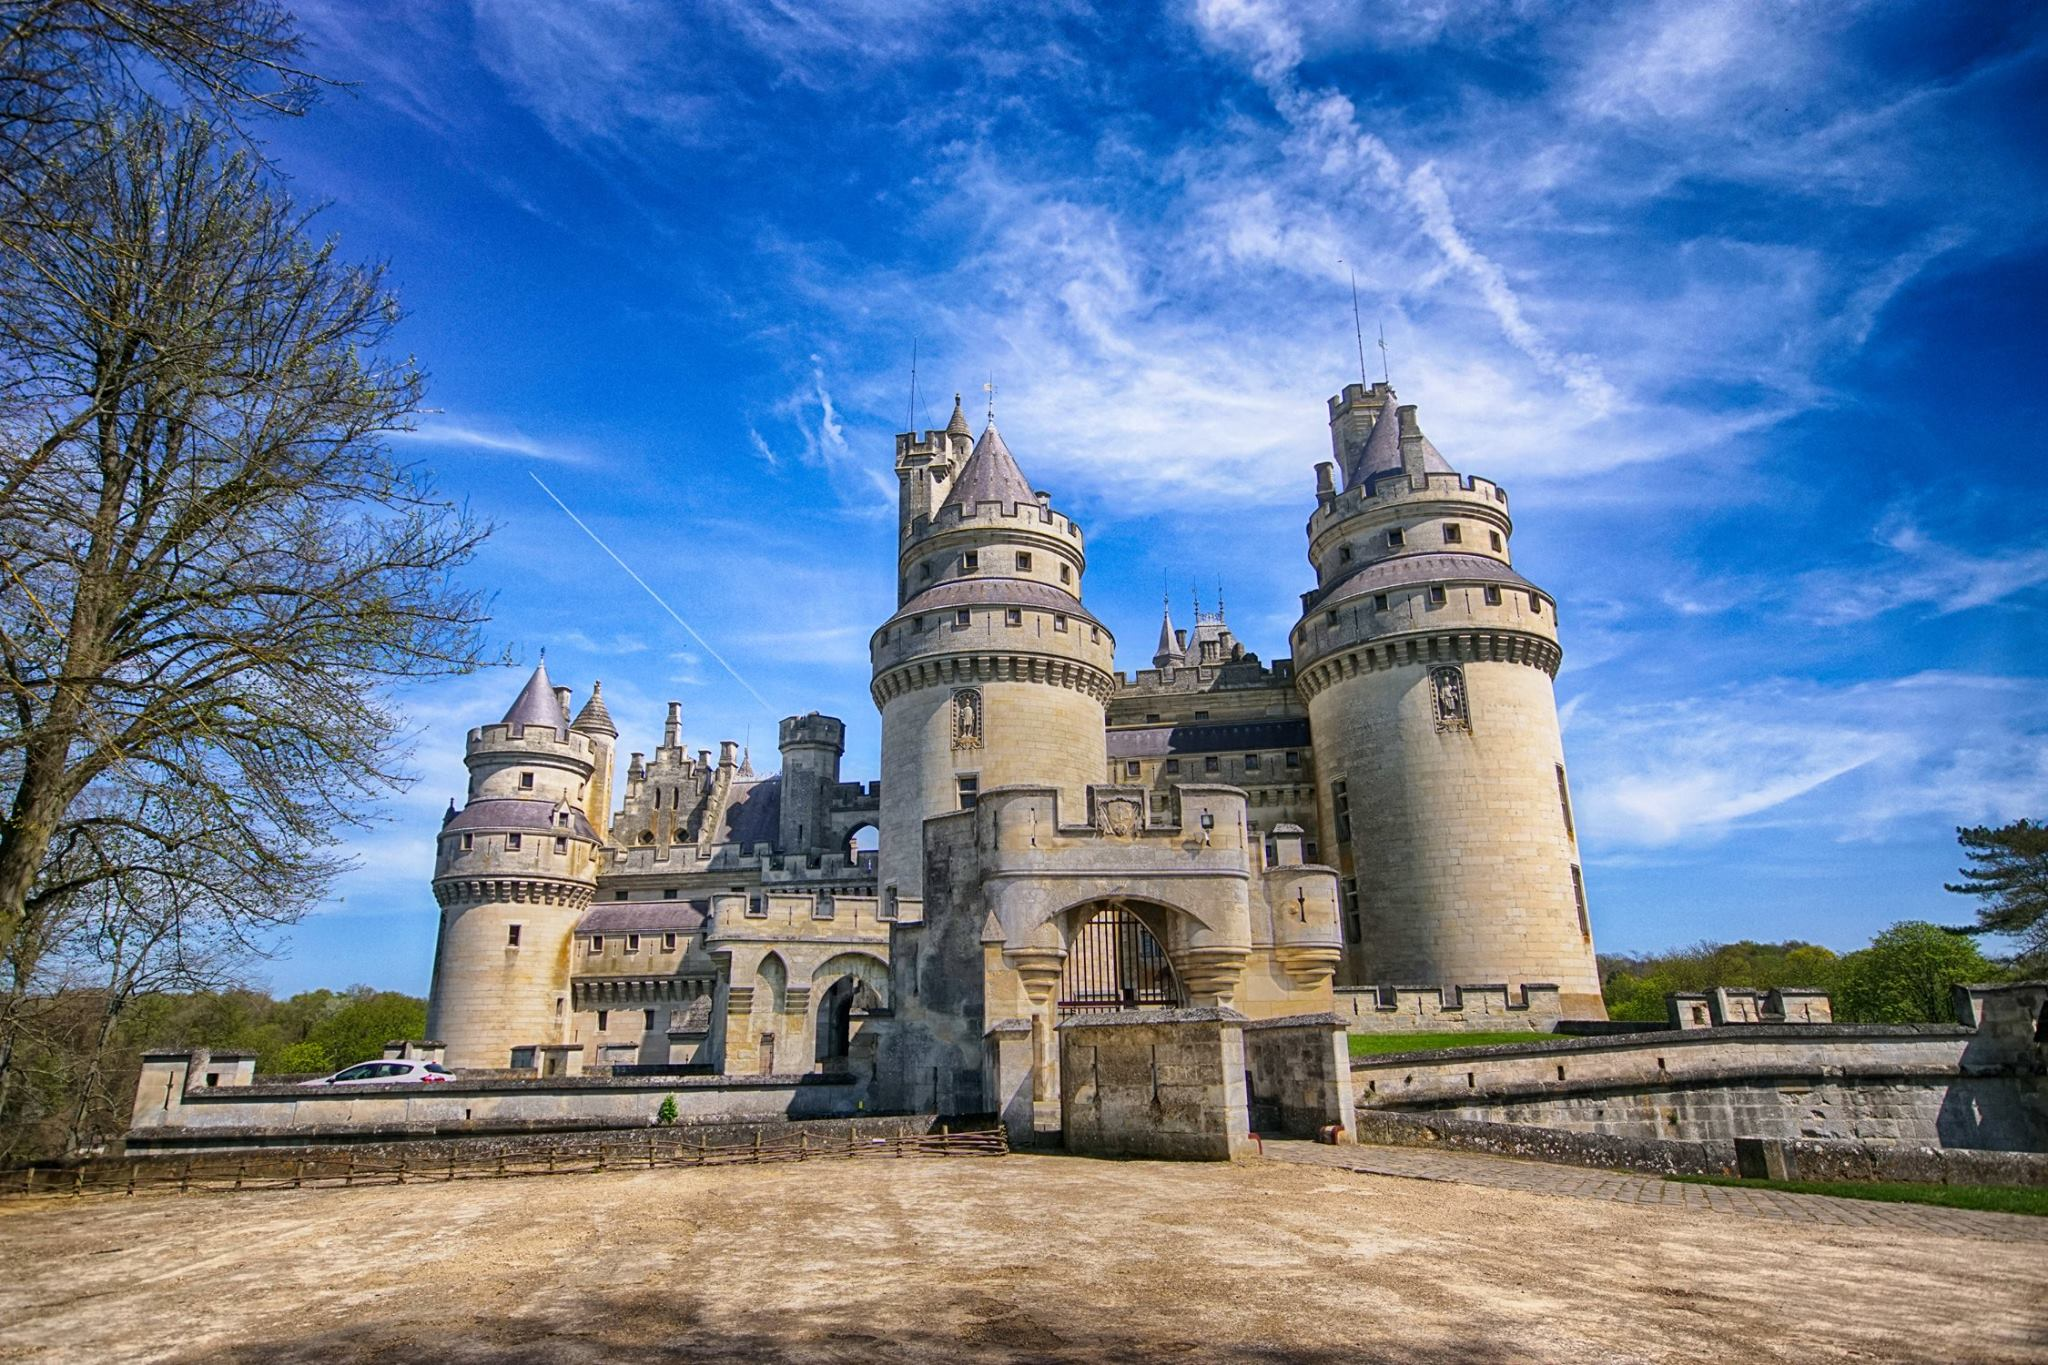 バーチャルツアーができる世界のお城・宮殿13選!お家にいながら世界を旅しよう